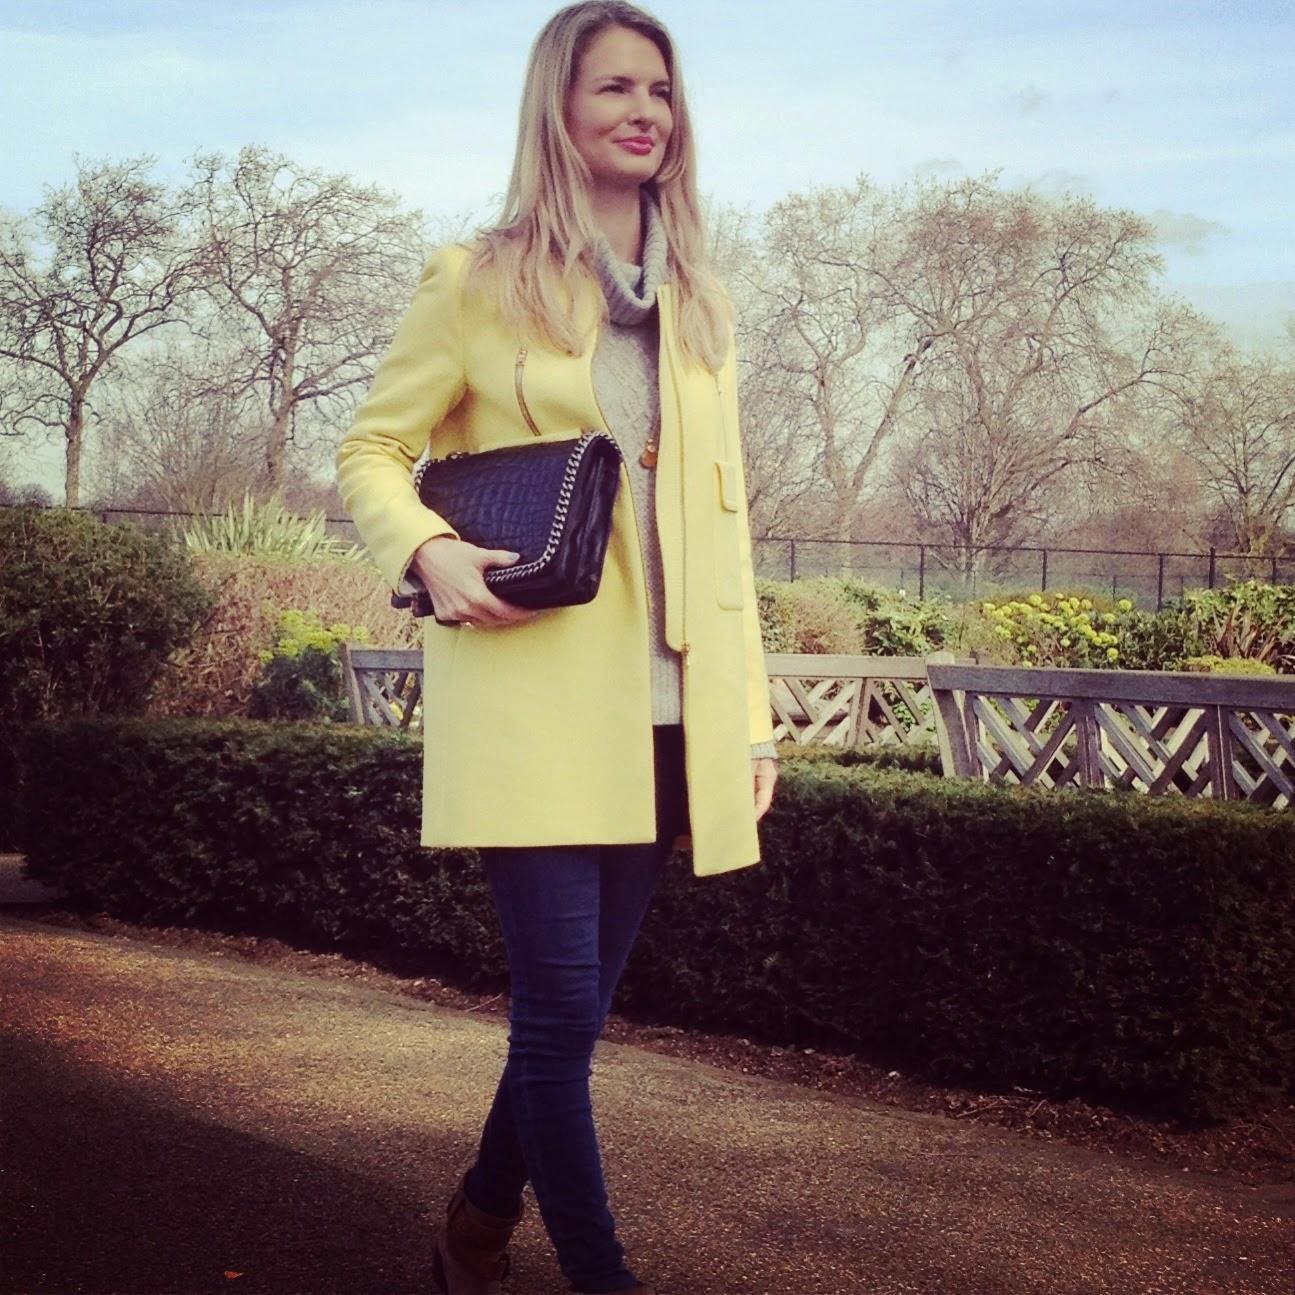 zara, zara coat, zara yellow coat, hyde park hyde park london